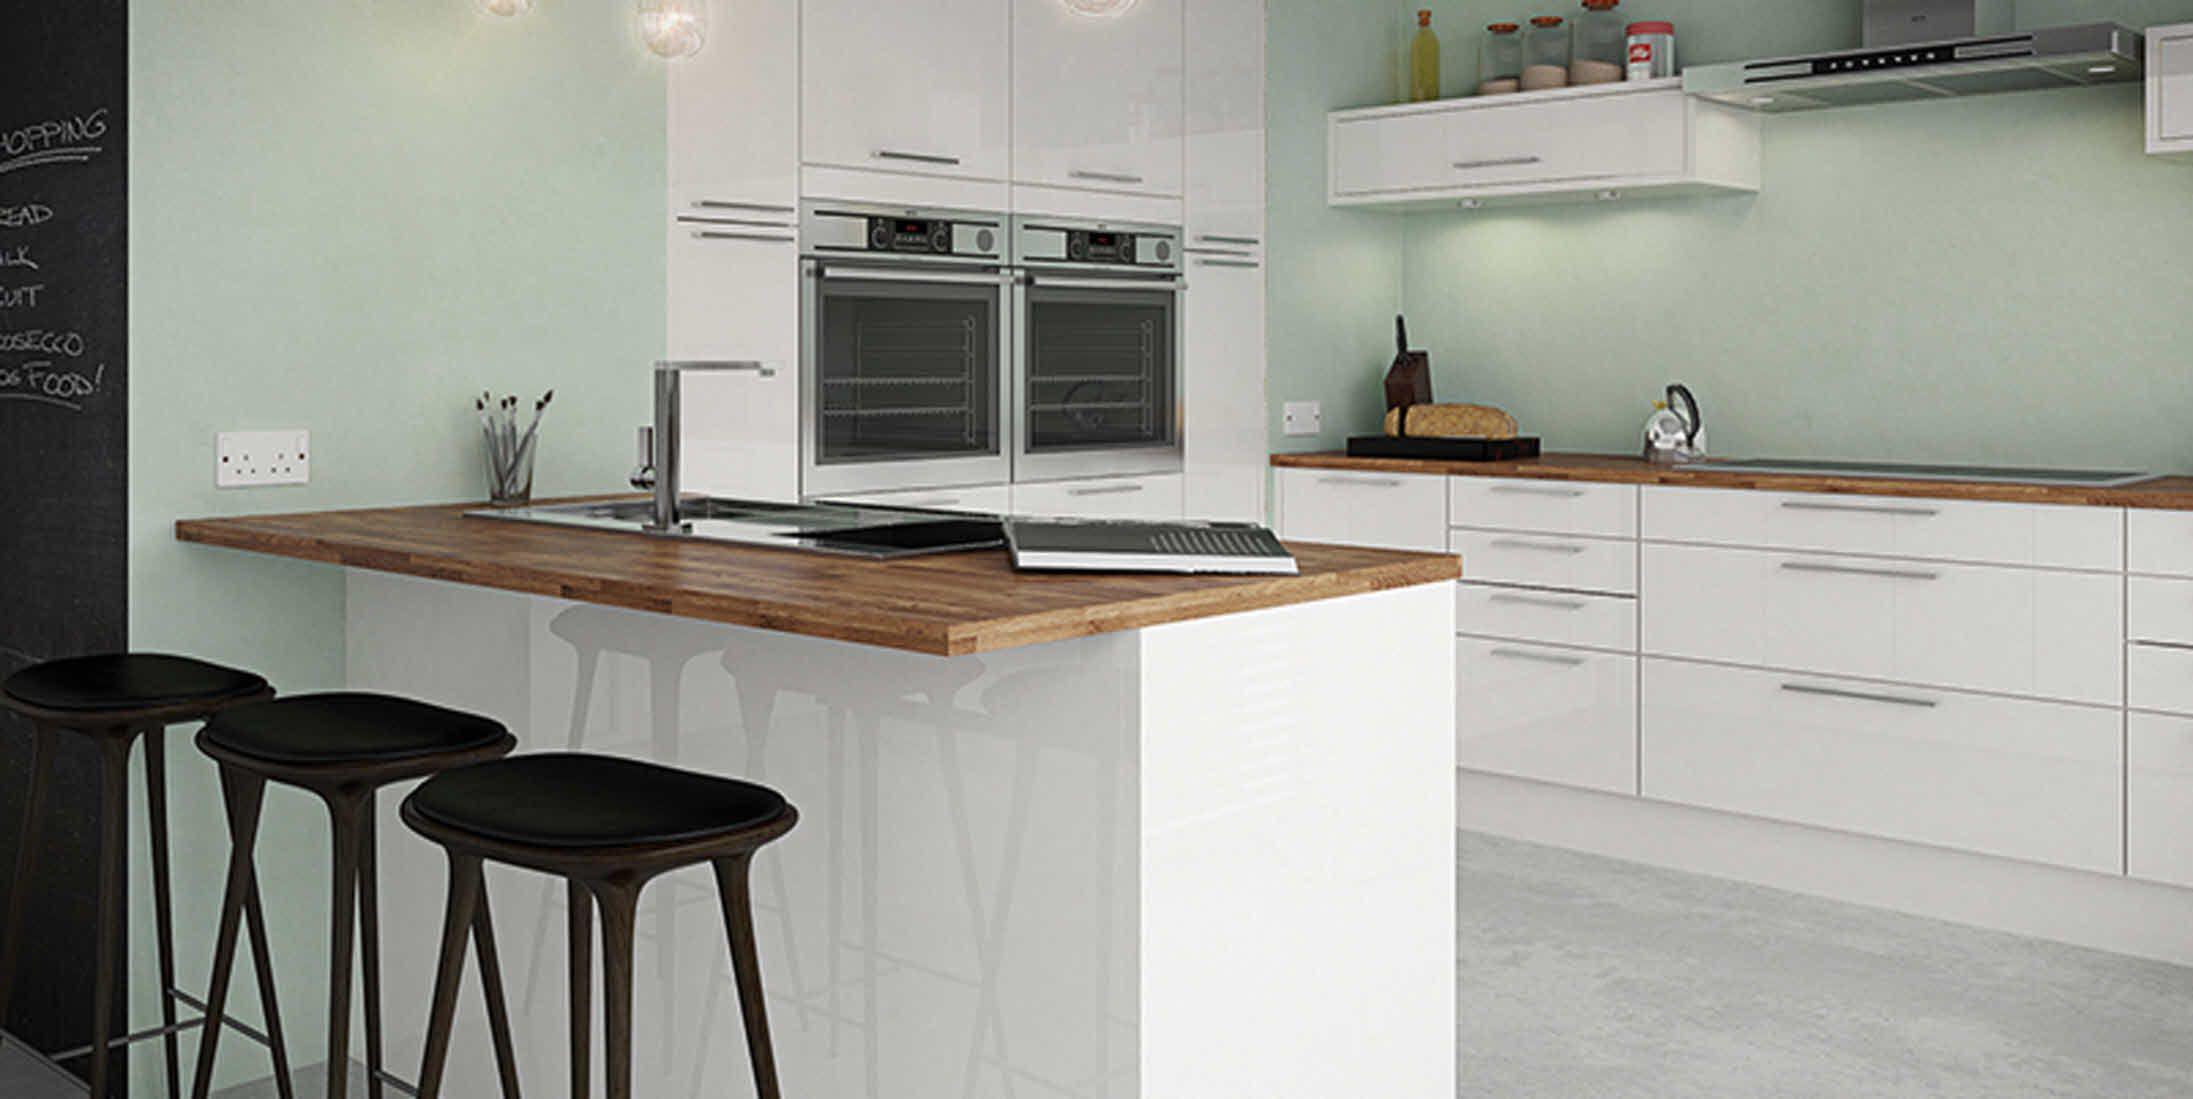 Magnet kitchen breakfast bar kitchen pinterest for Kitchen ideas magnet